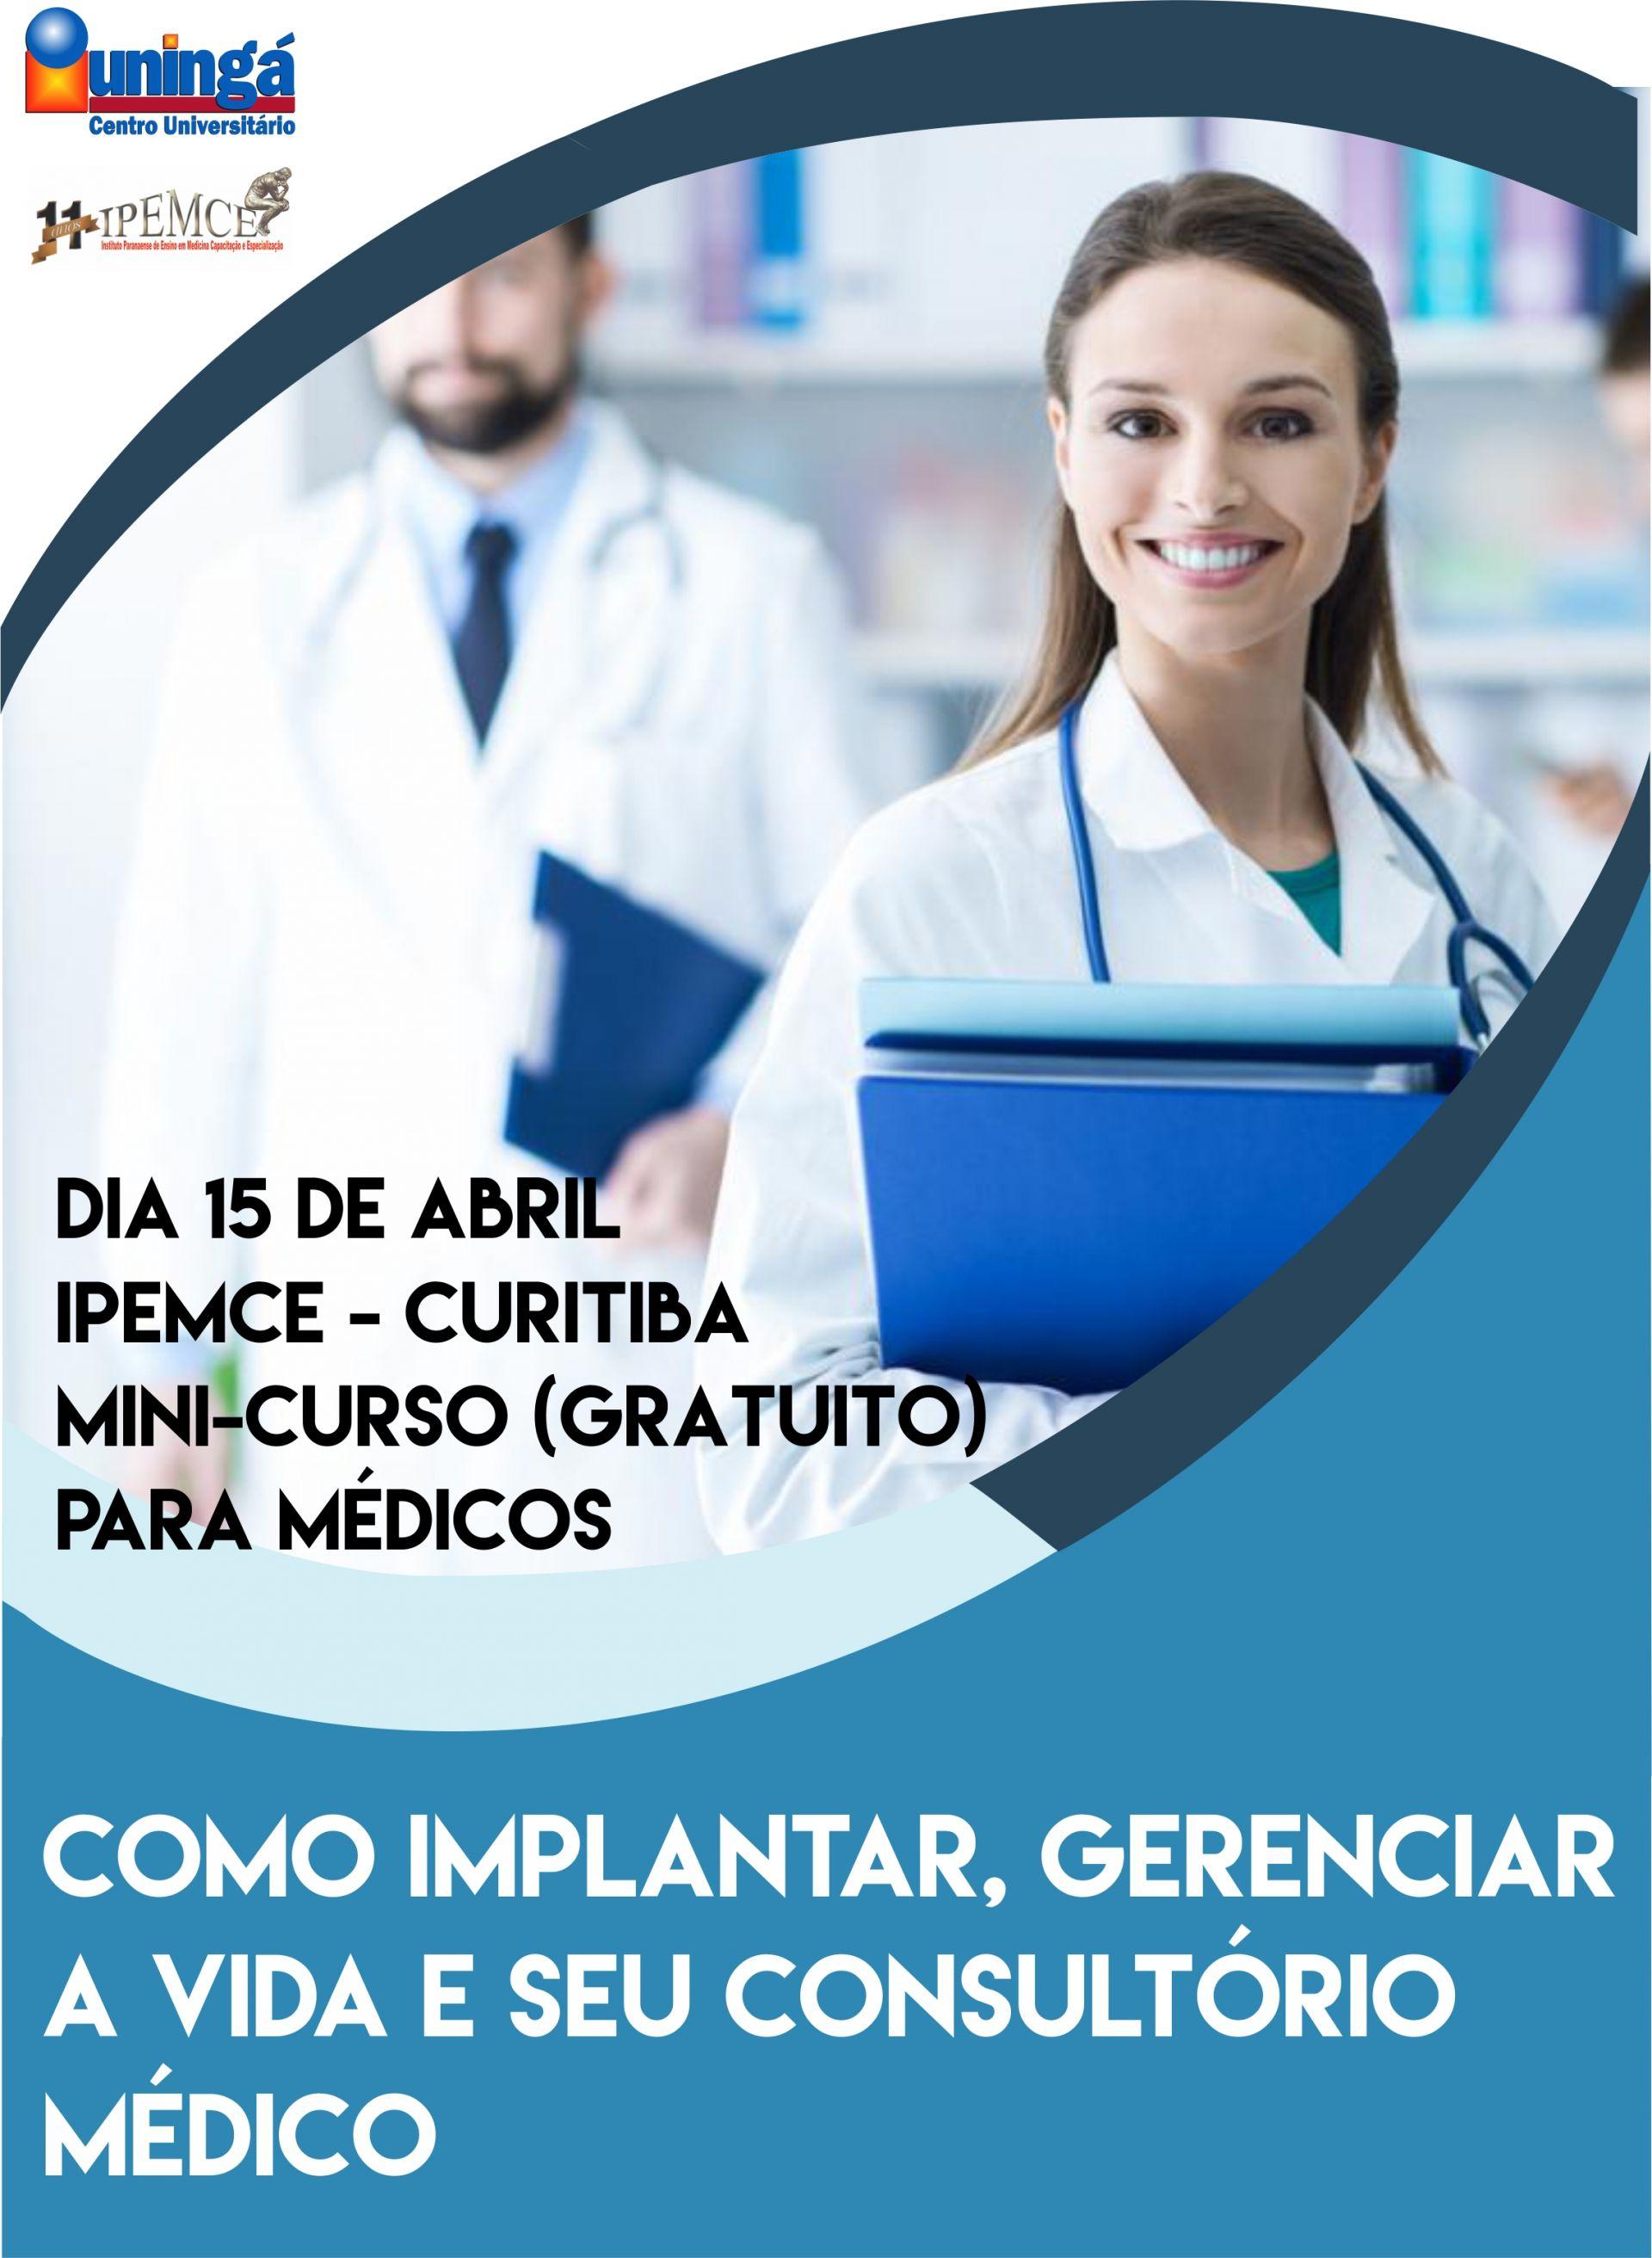 MINI-CURSO PARA MÉDICOS NO IPEMCE: COMO IMPLANTAR, GERENCIAR A VIDA E SEU CONSULTÓRIO MÉDICO.